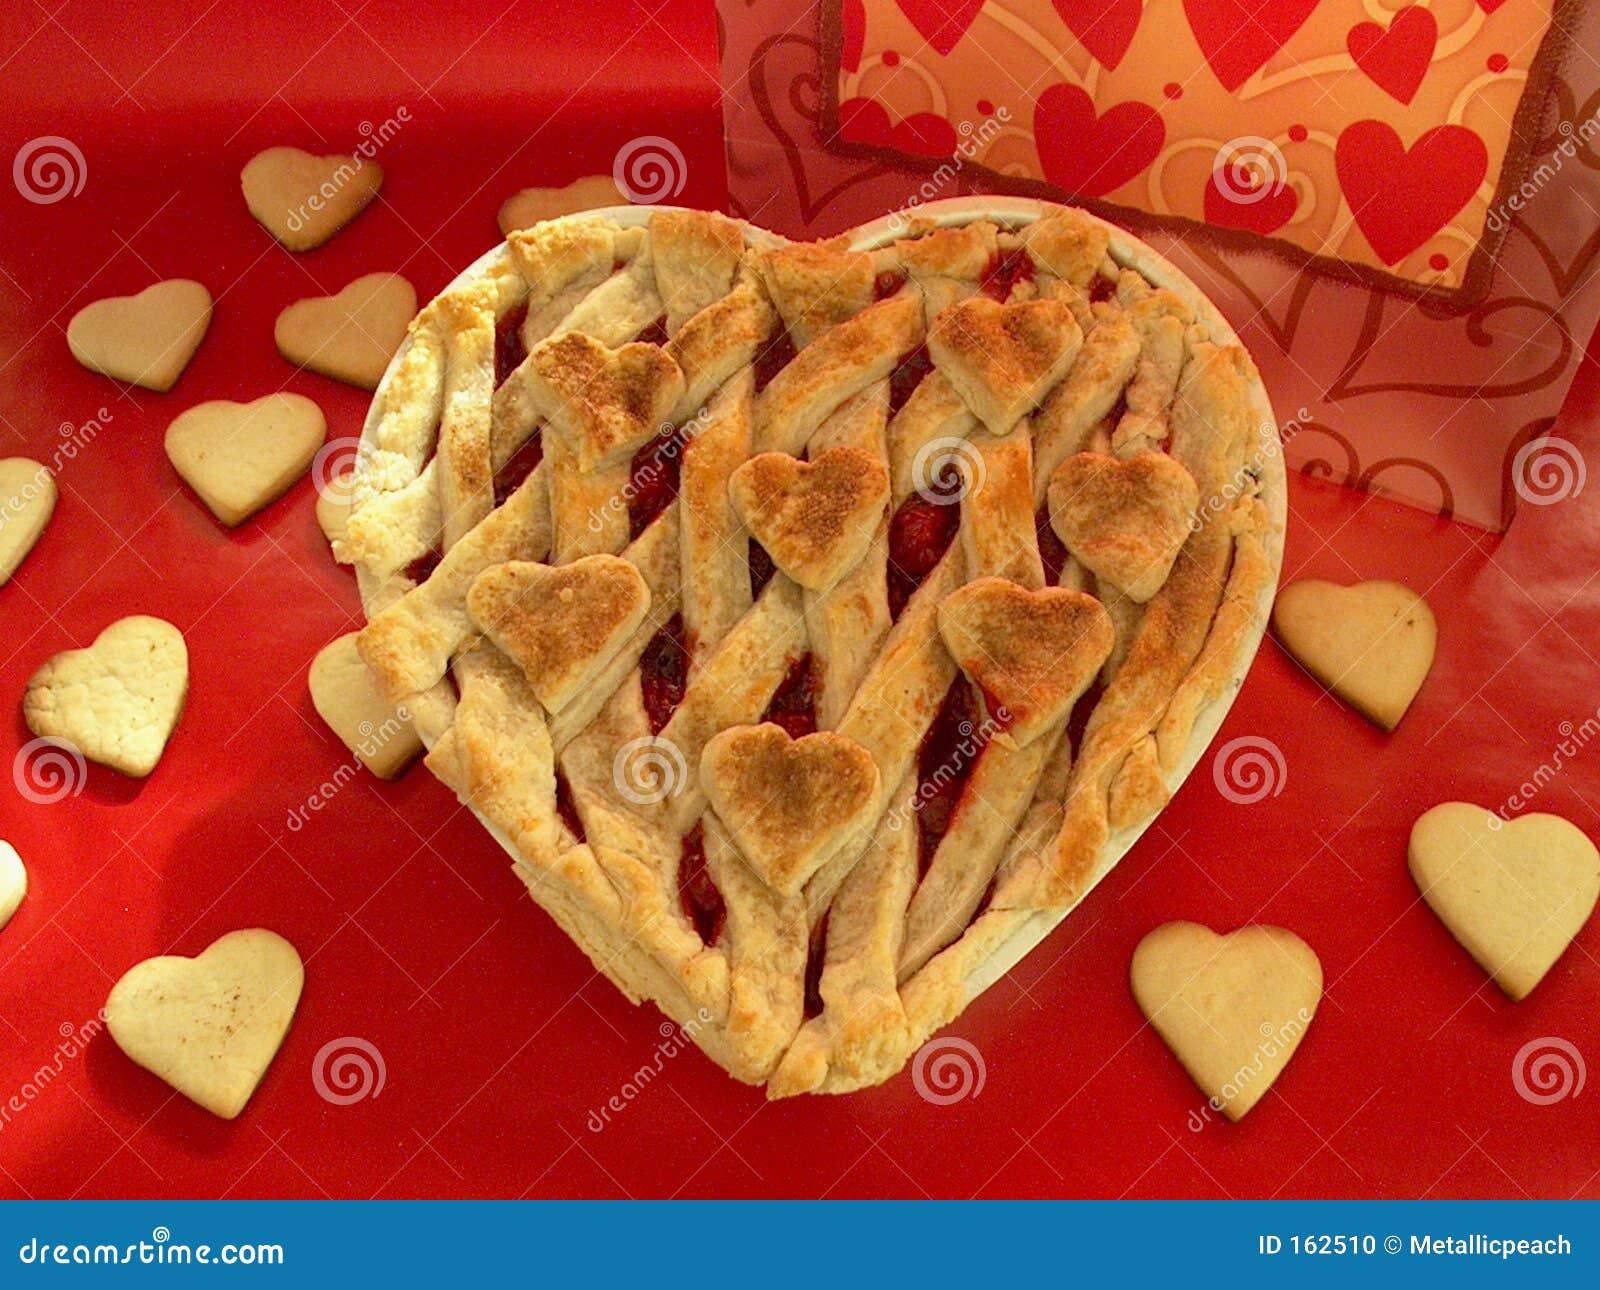 Heart-Shaped Pie